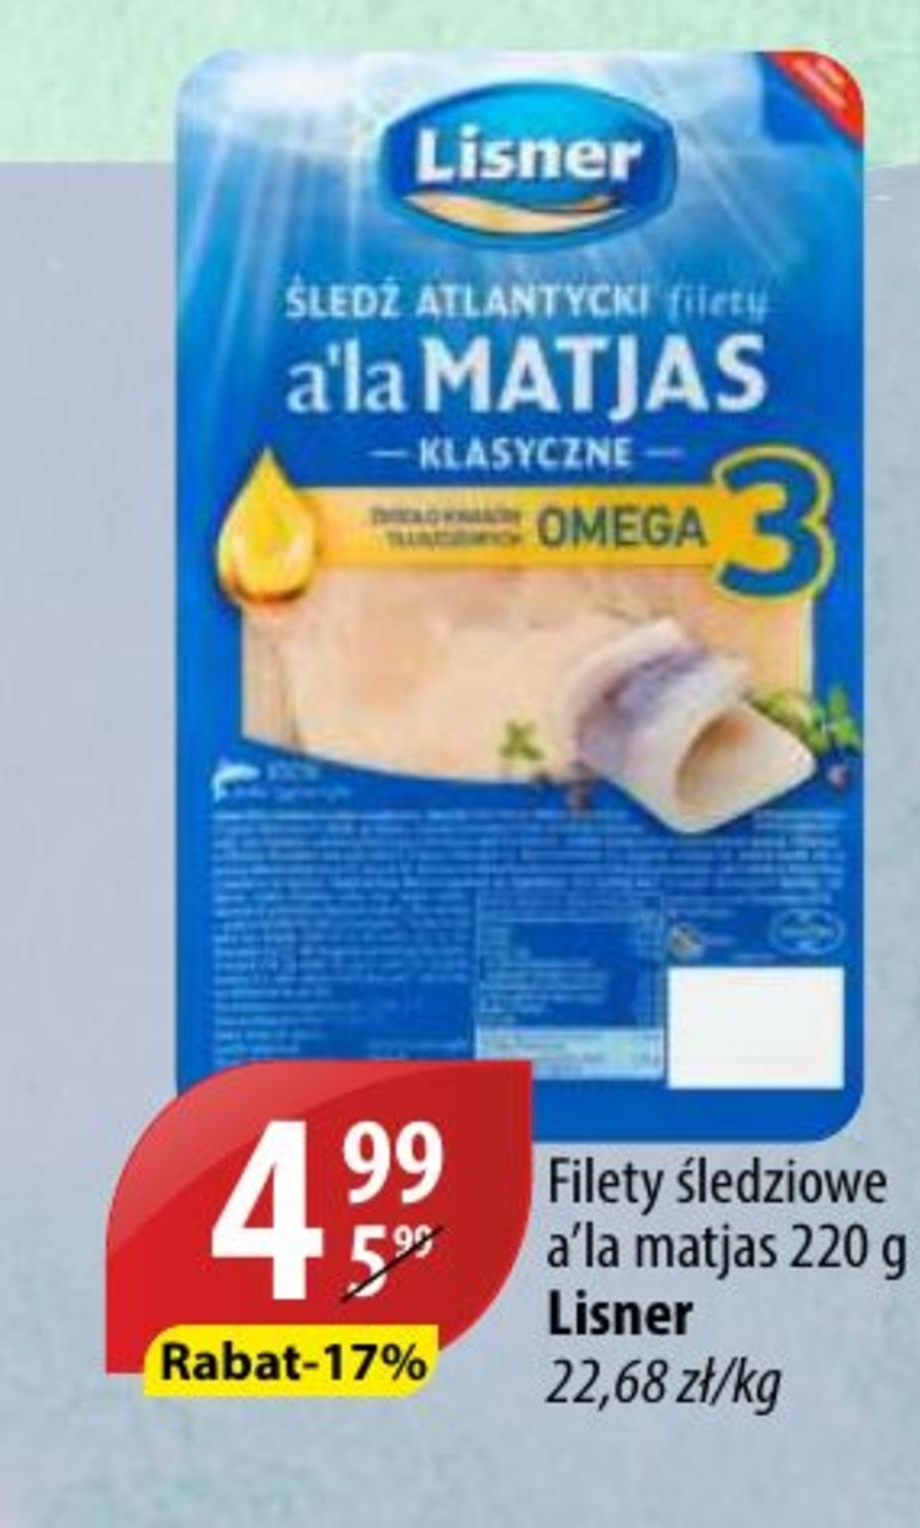 Filety śledziowe Lisner niska cena